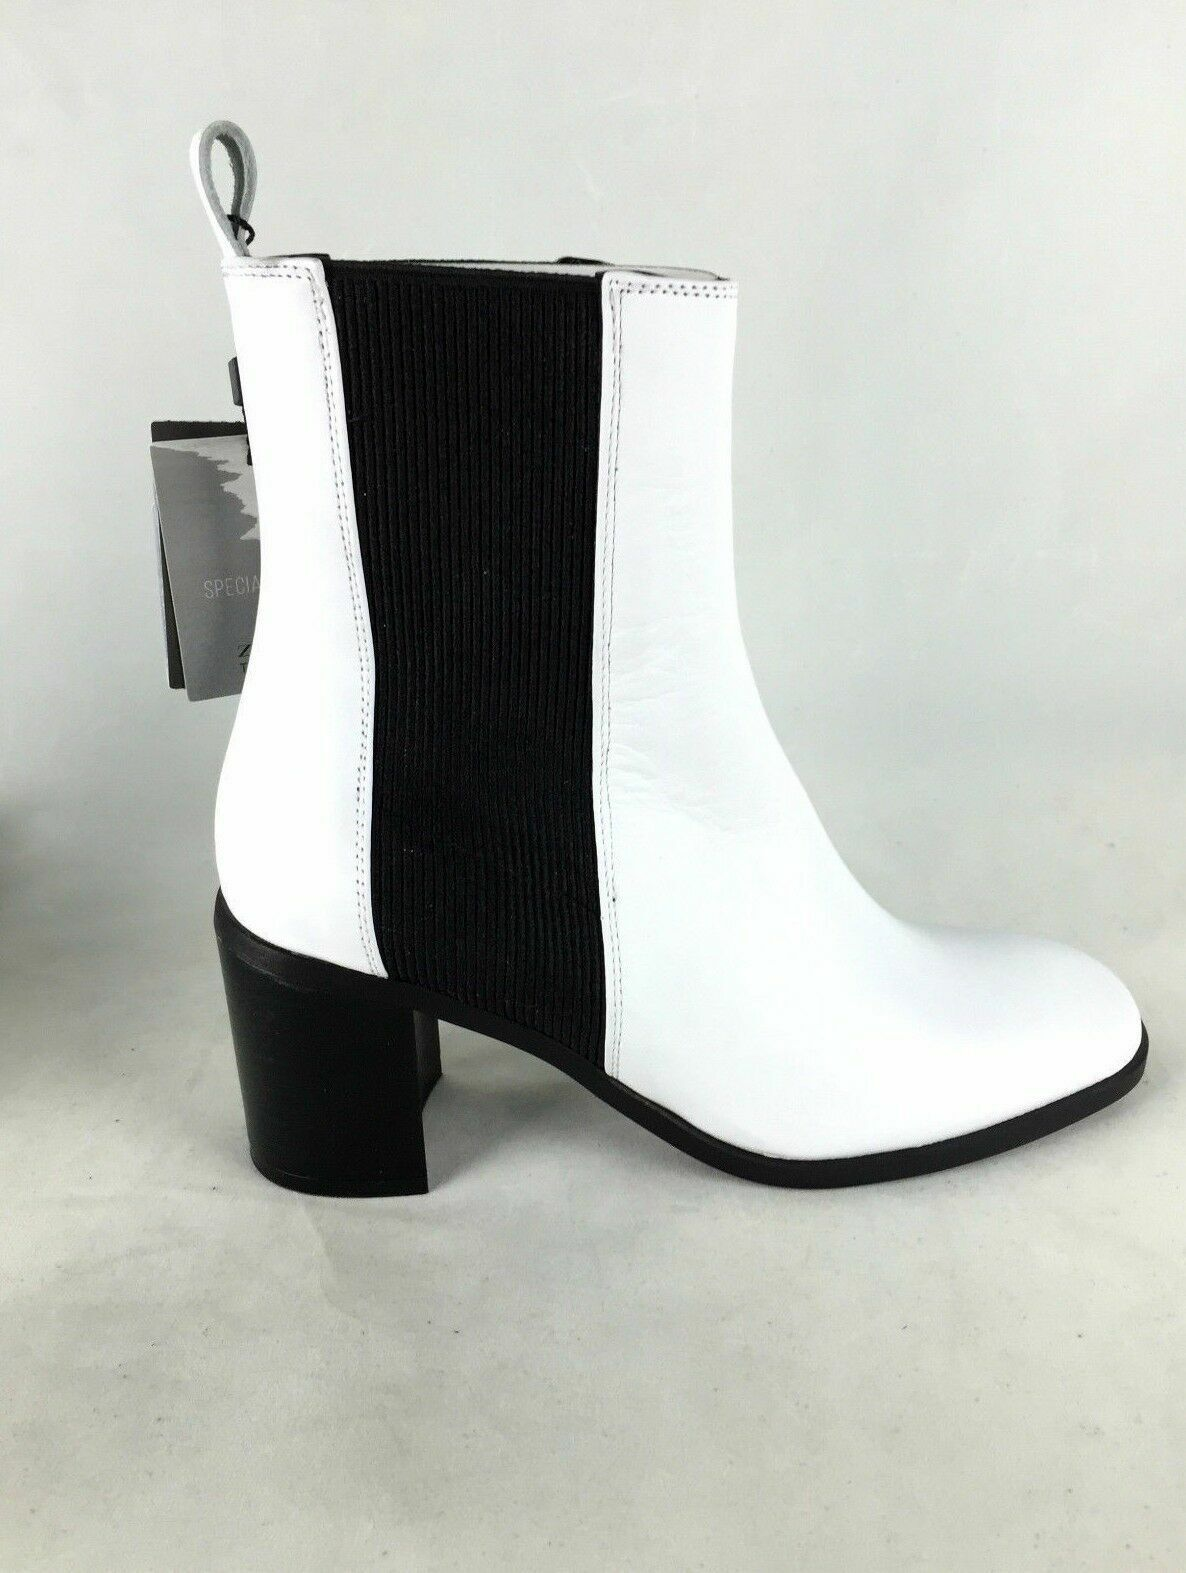 Zara Weiß Leder Stiefeletten Schuhe UK 3 4